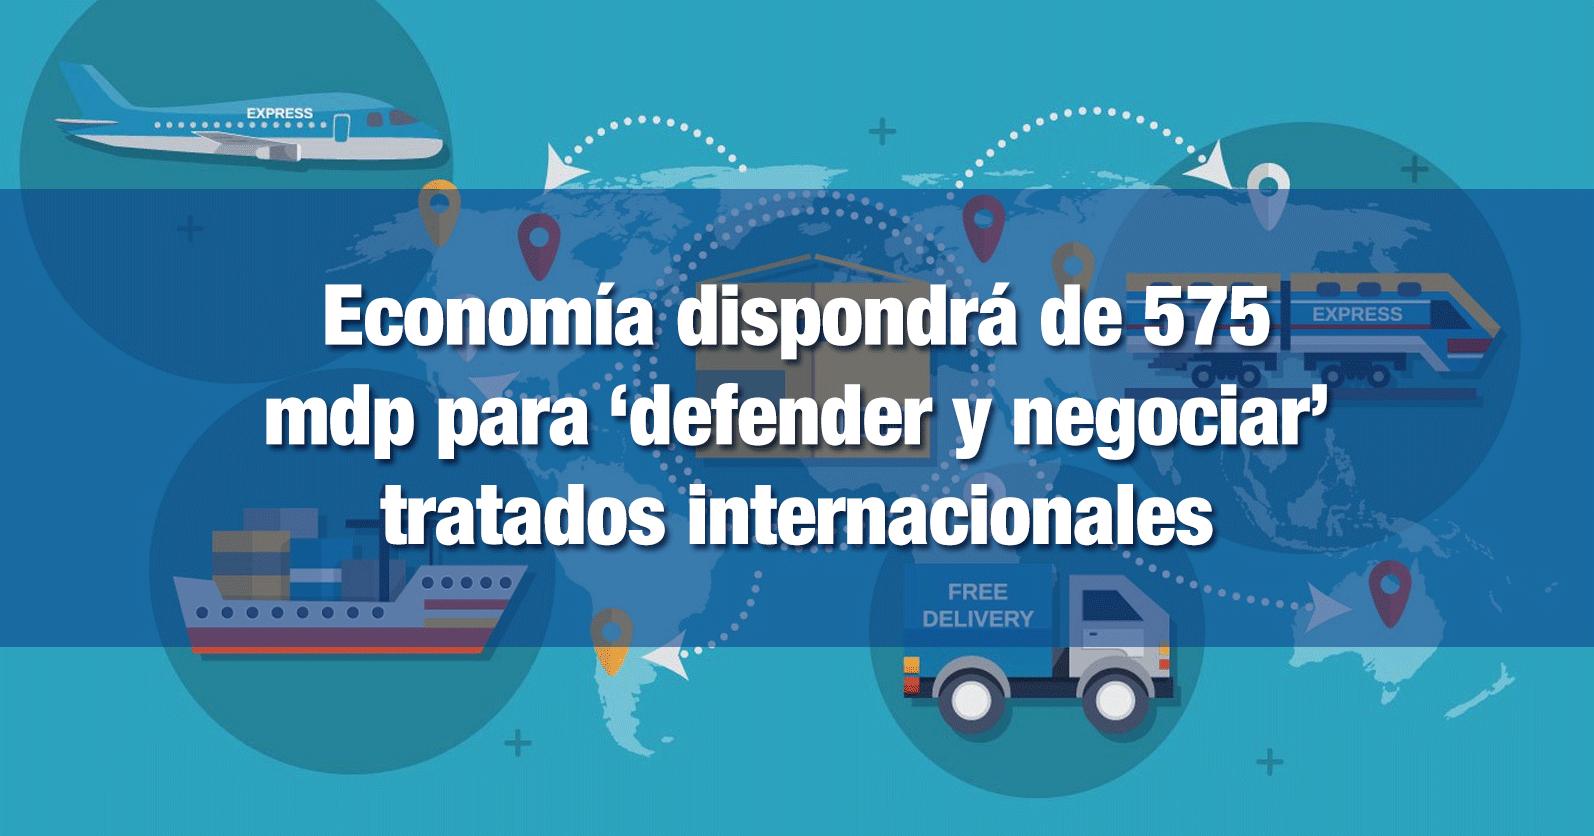 Economía dispondrá de 575 mdp para 'defender y negociar' tratados internacionales